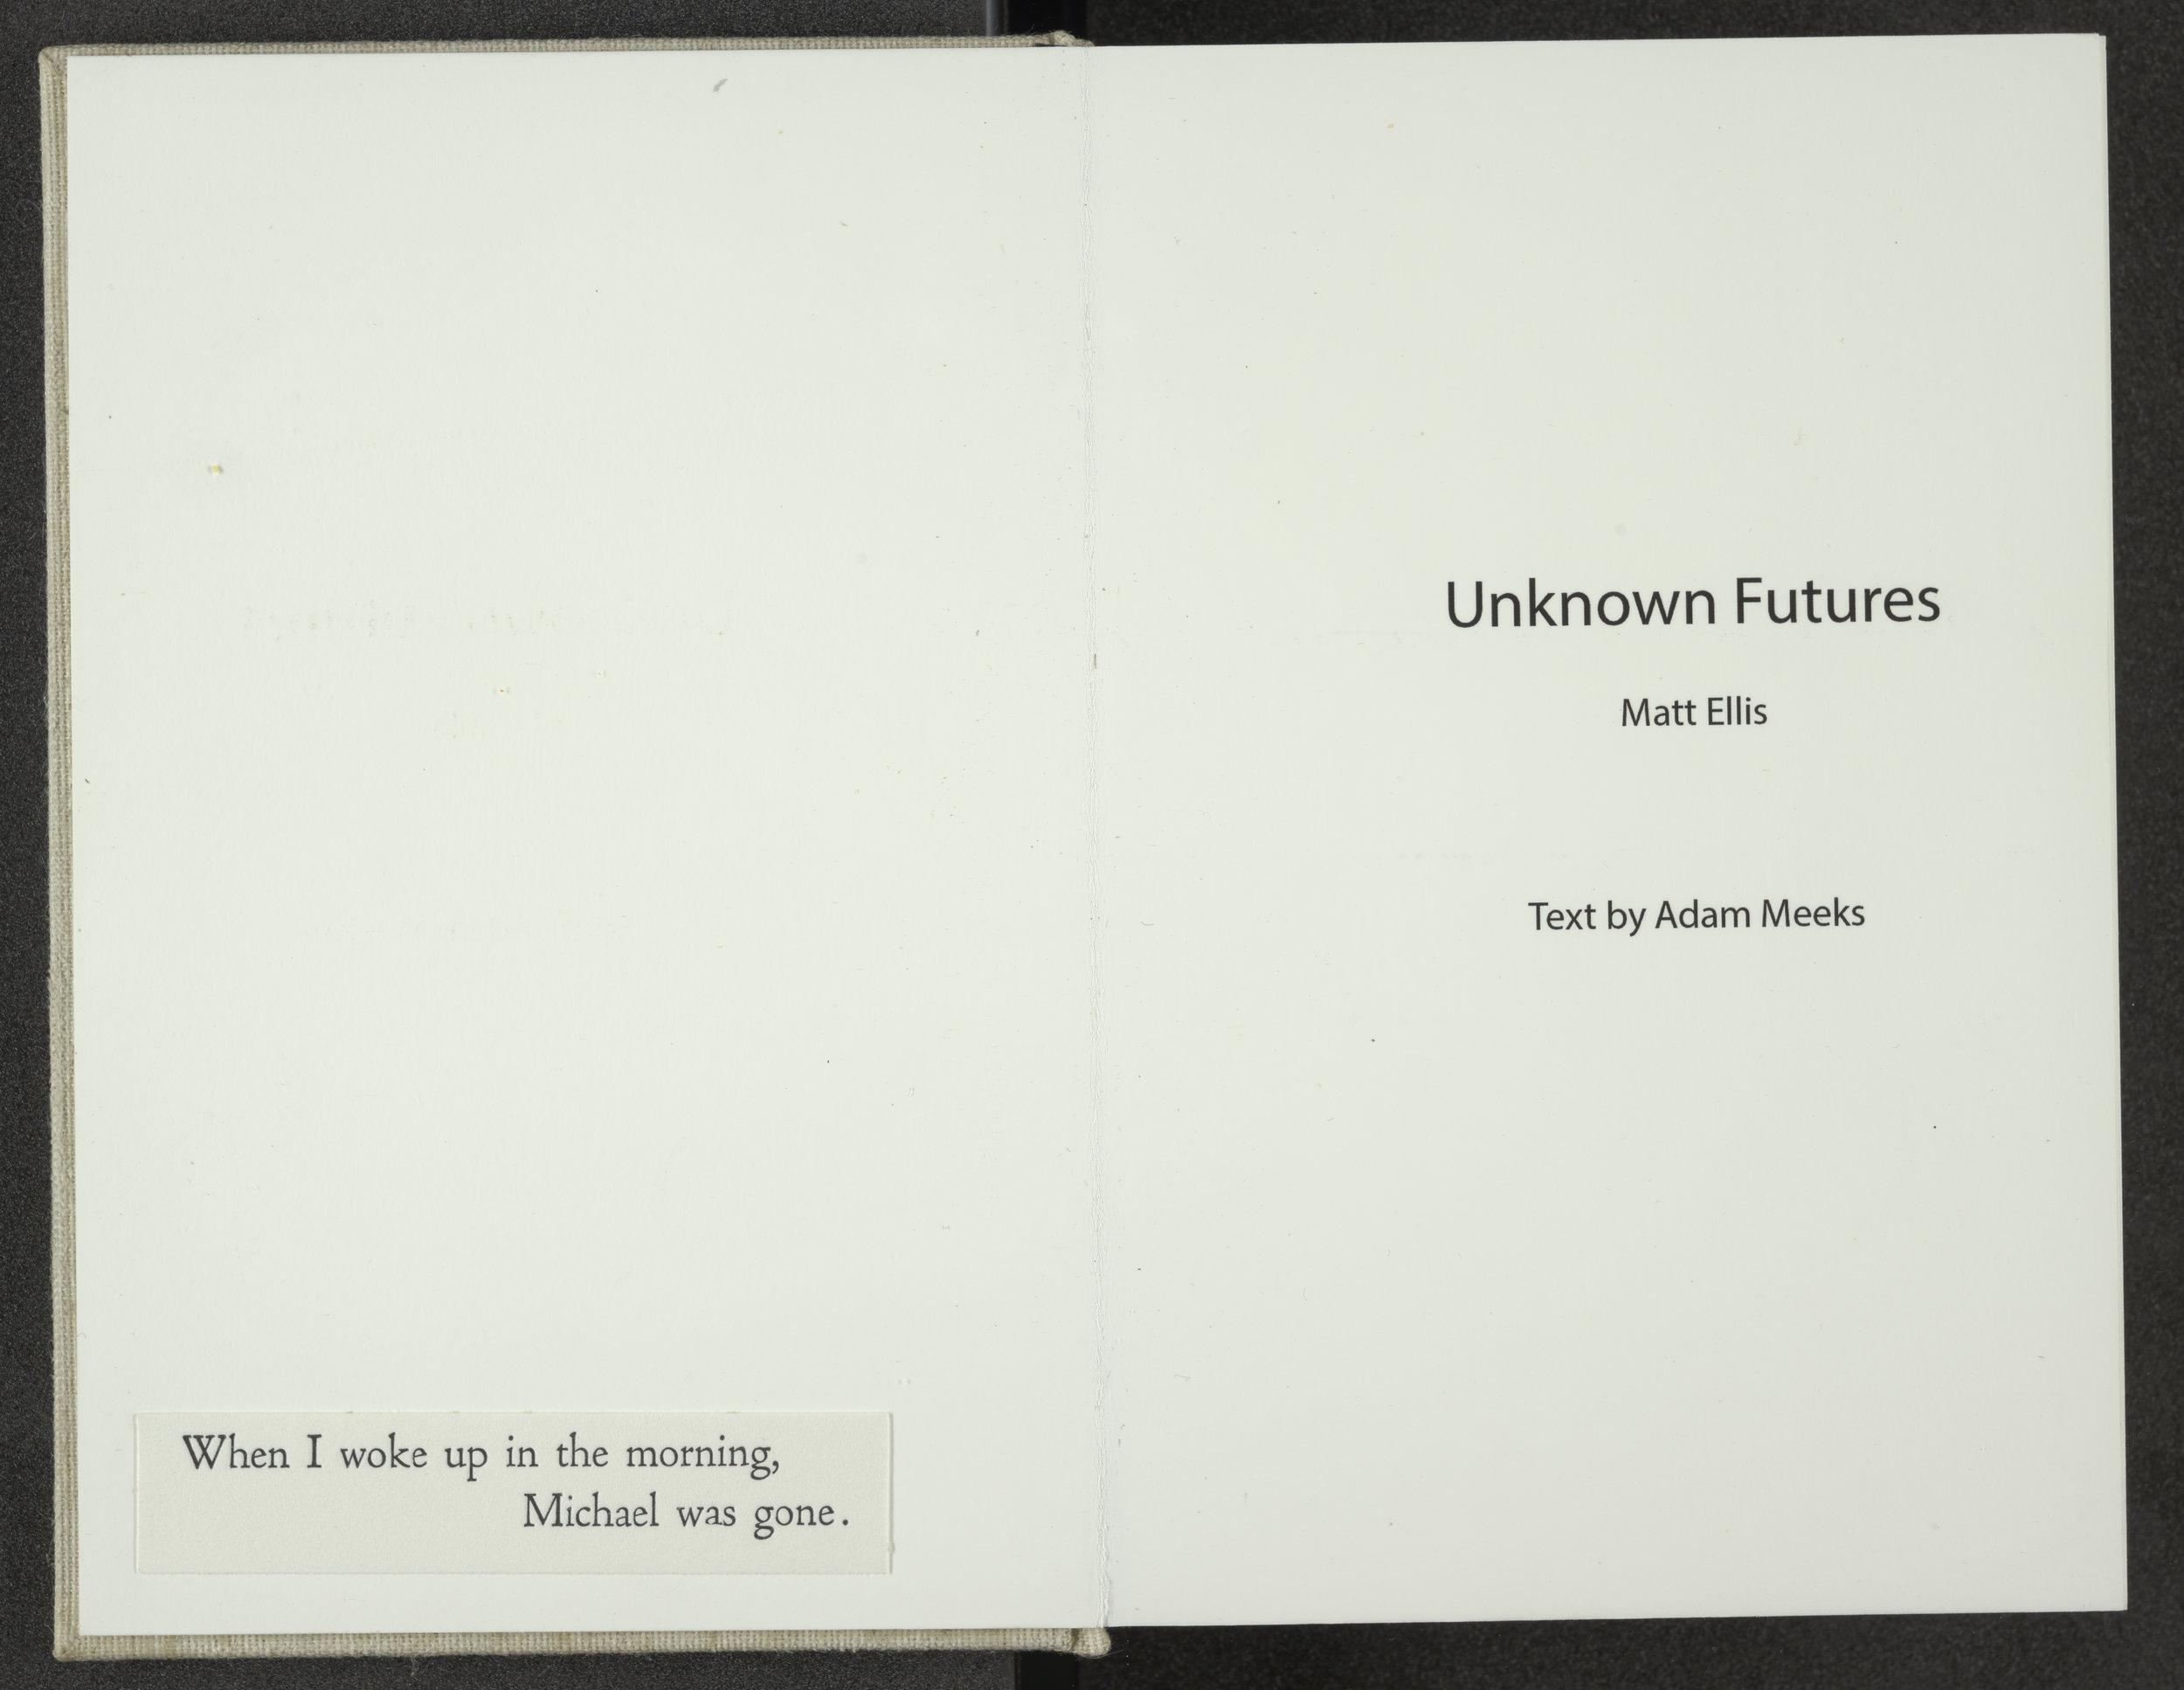 Unknown_Futures_002.jpg